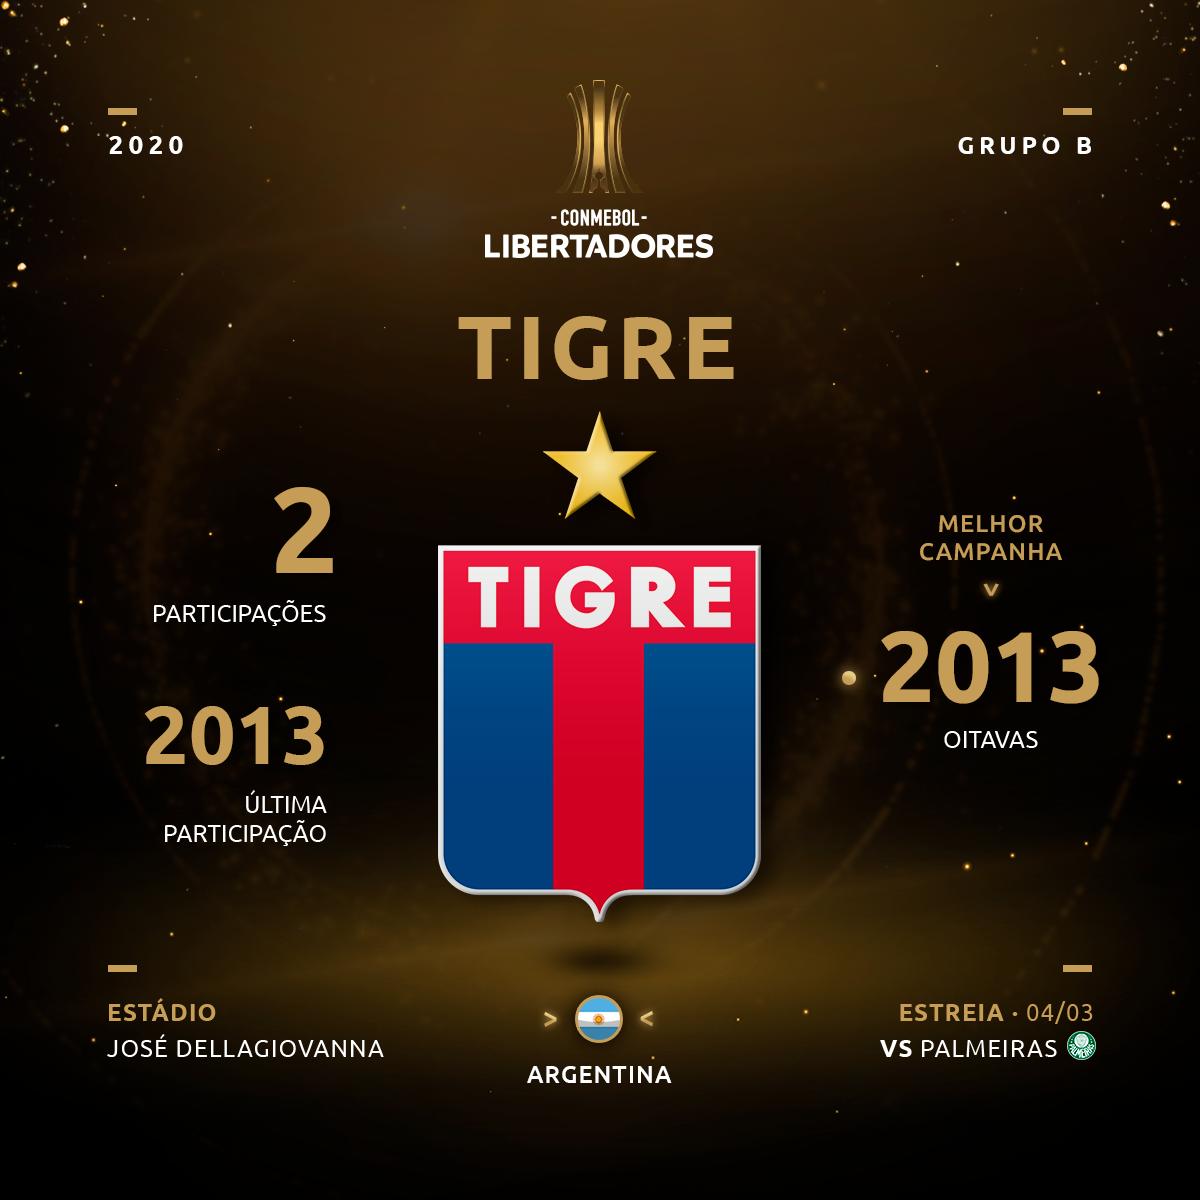 Tigre Histórico Libertadores